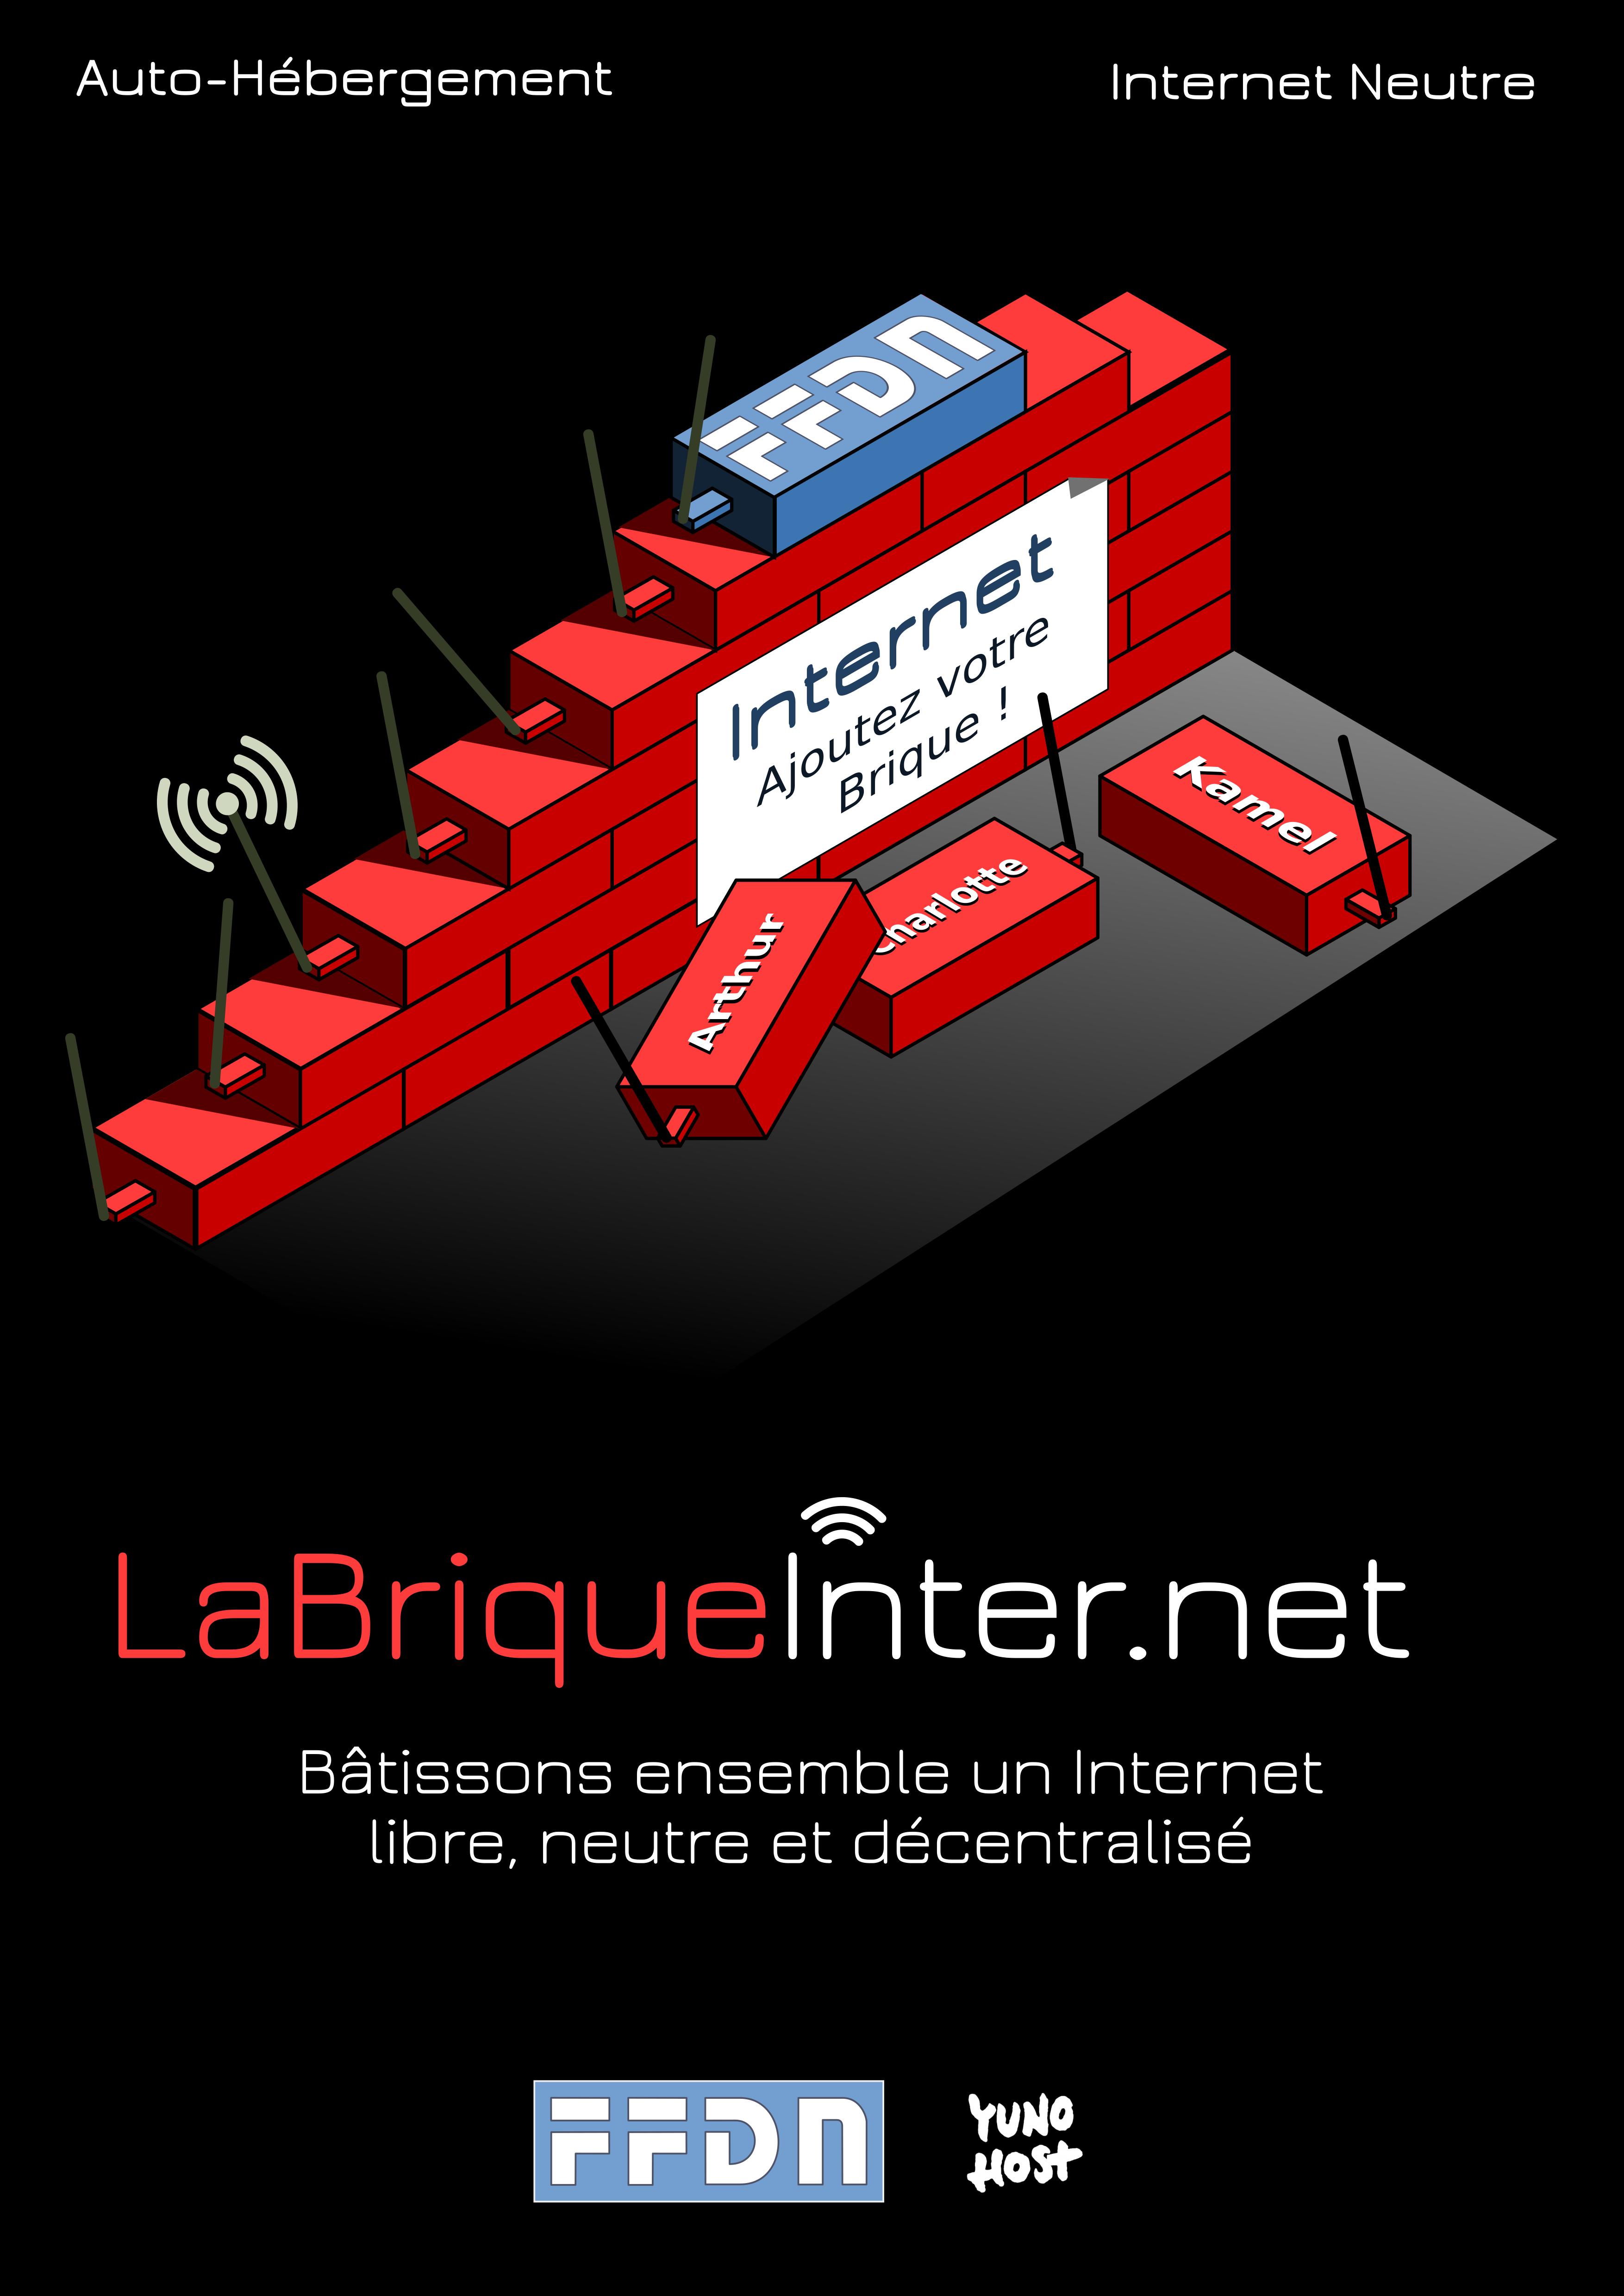 briques/labriqueinternet-poster-a3.png